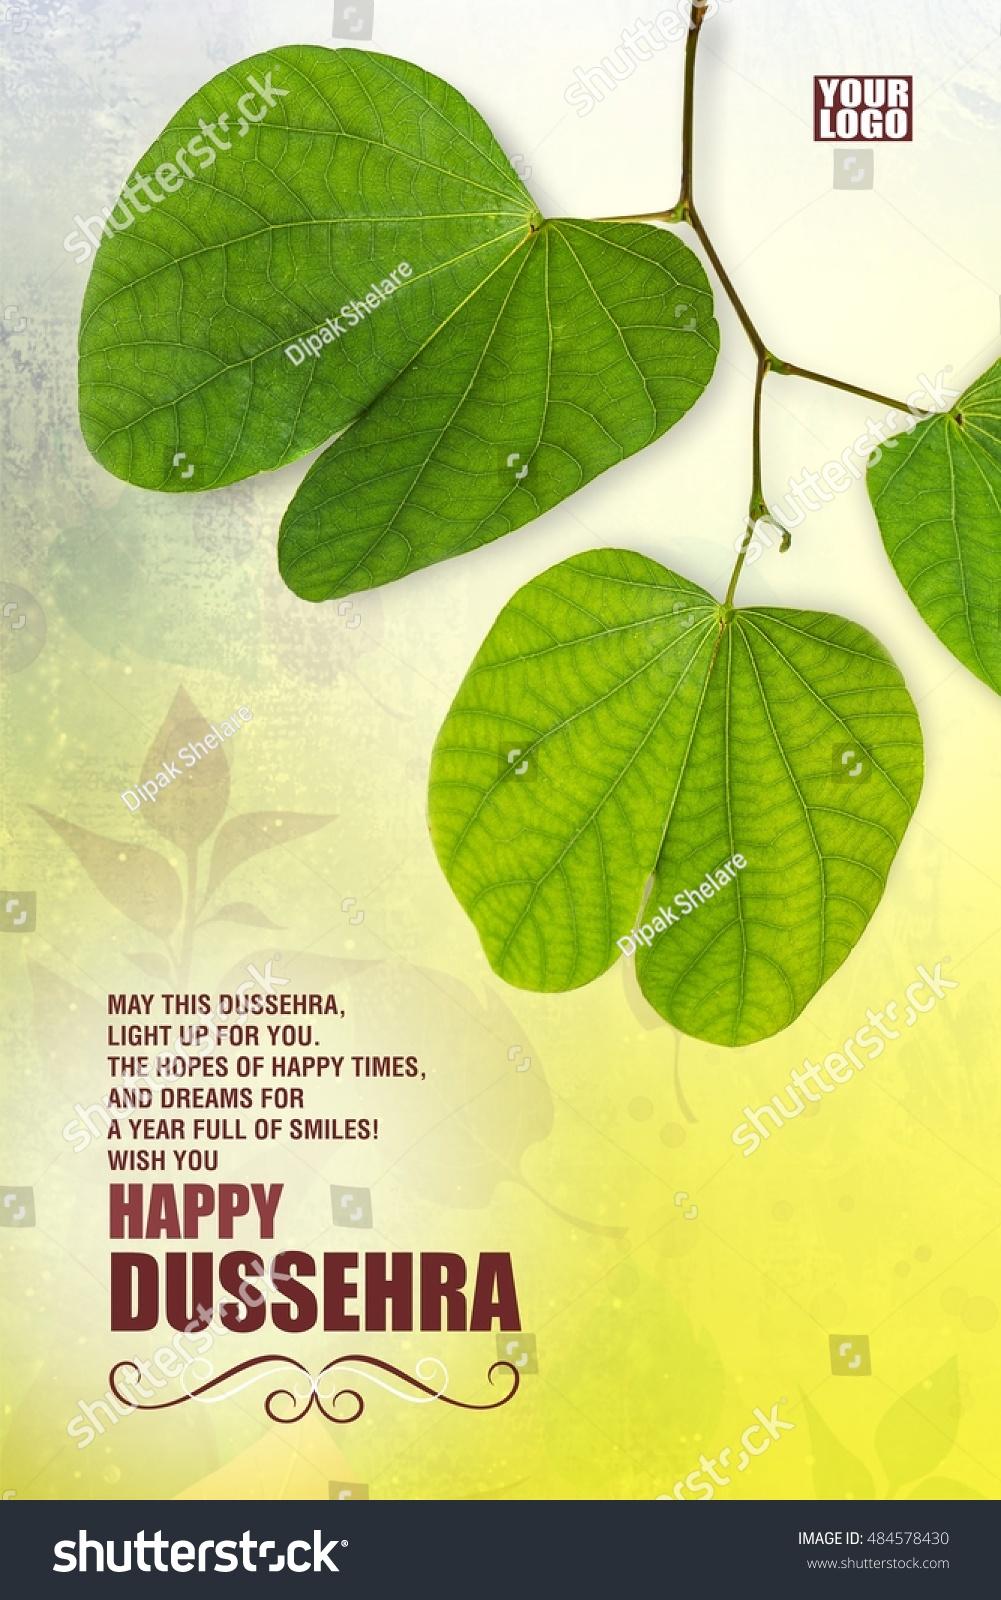 Greeting card design indian festival dussehra stock photo 484578430 greeting card design of indian festival dussehra showing golden leaf piliostigma racemosum kristyandbryce Images